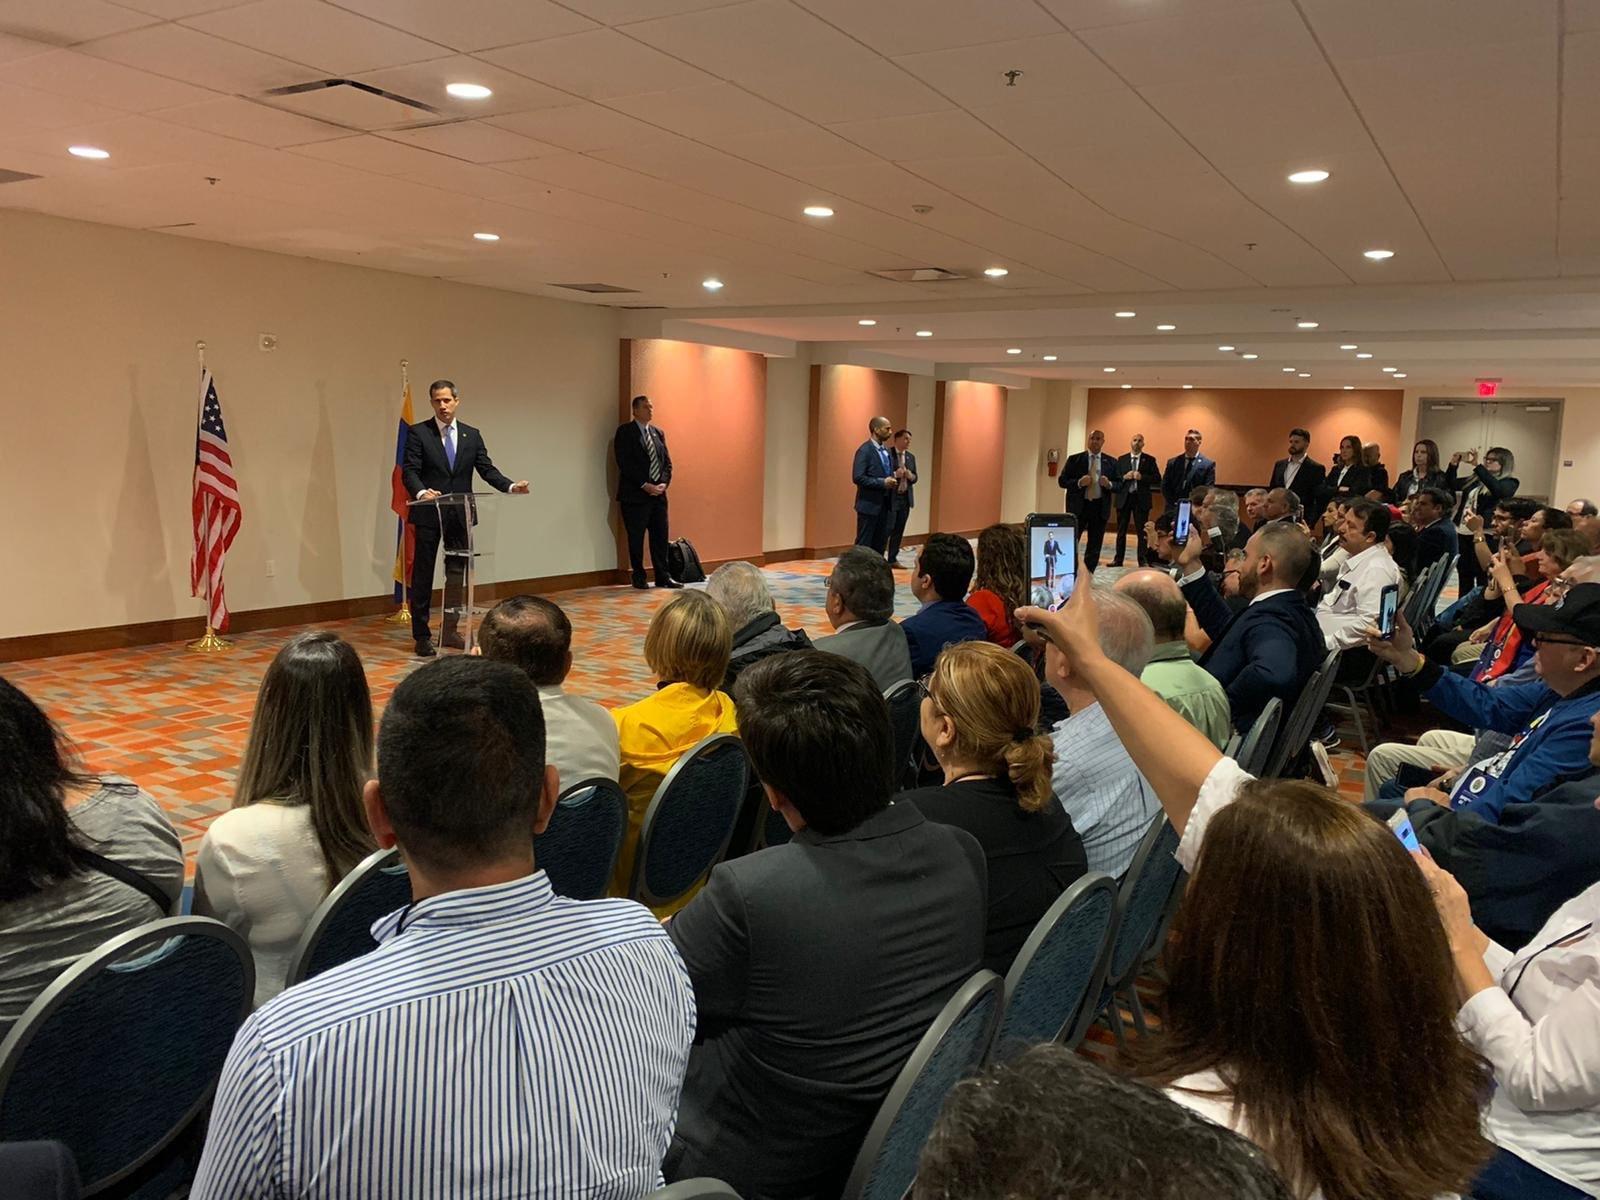 VTanálisis: Guaidó insiste en permitir la injerencia de la OEA en Venezuela